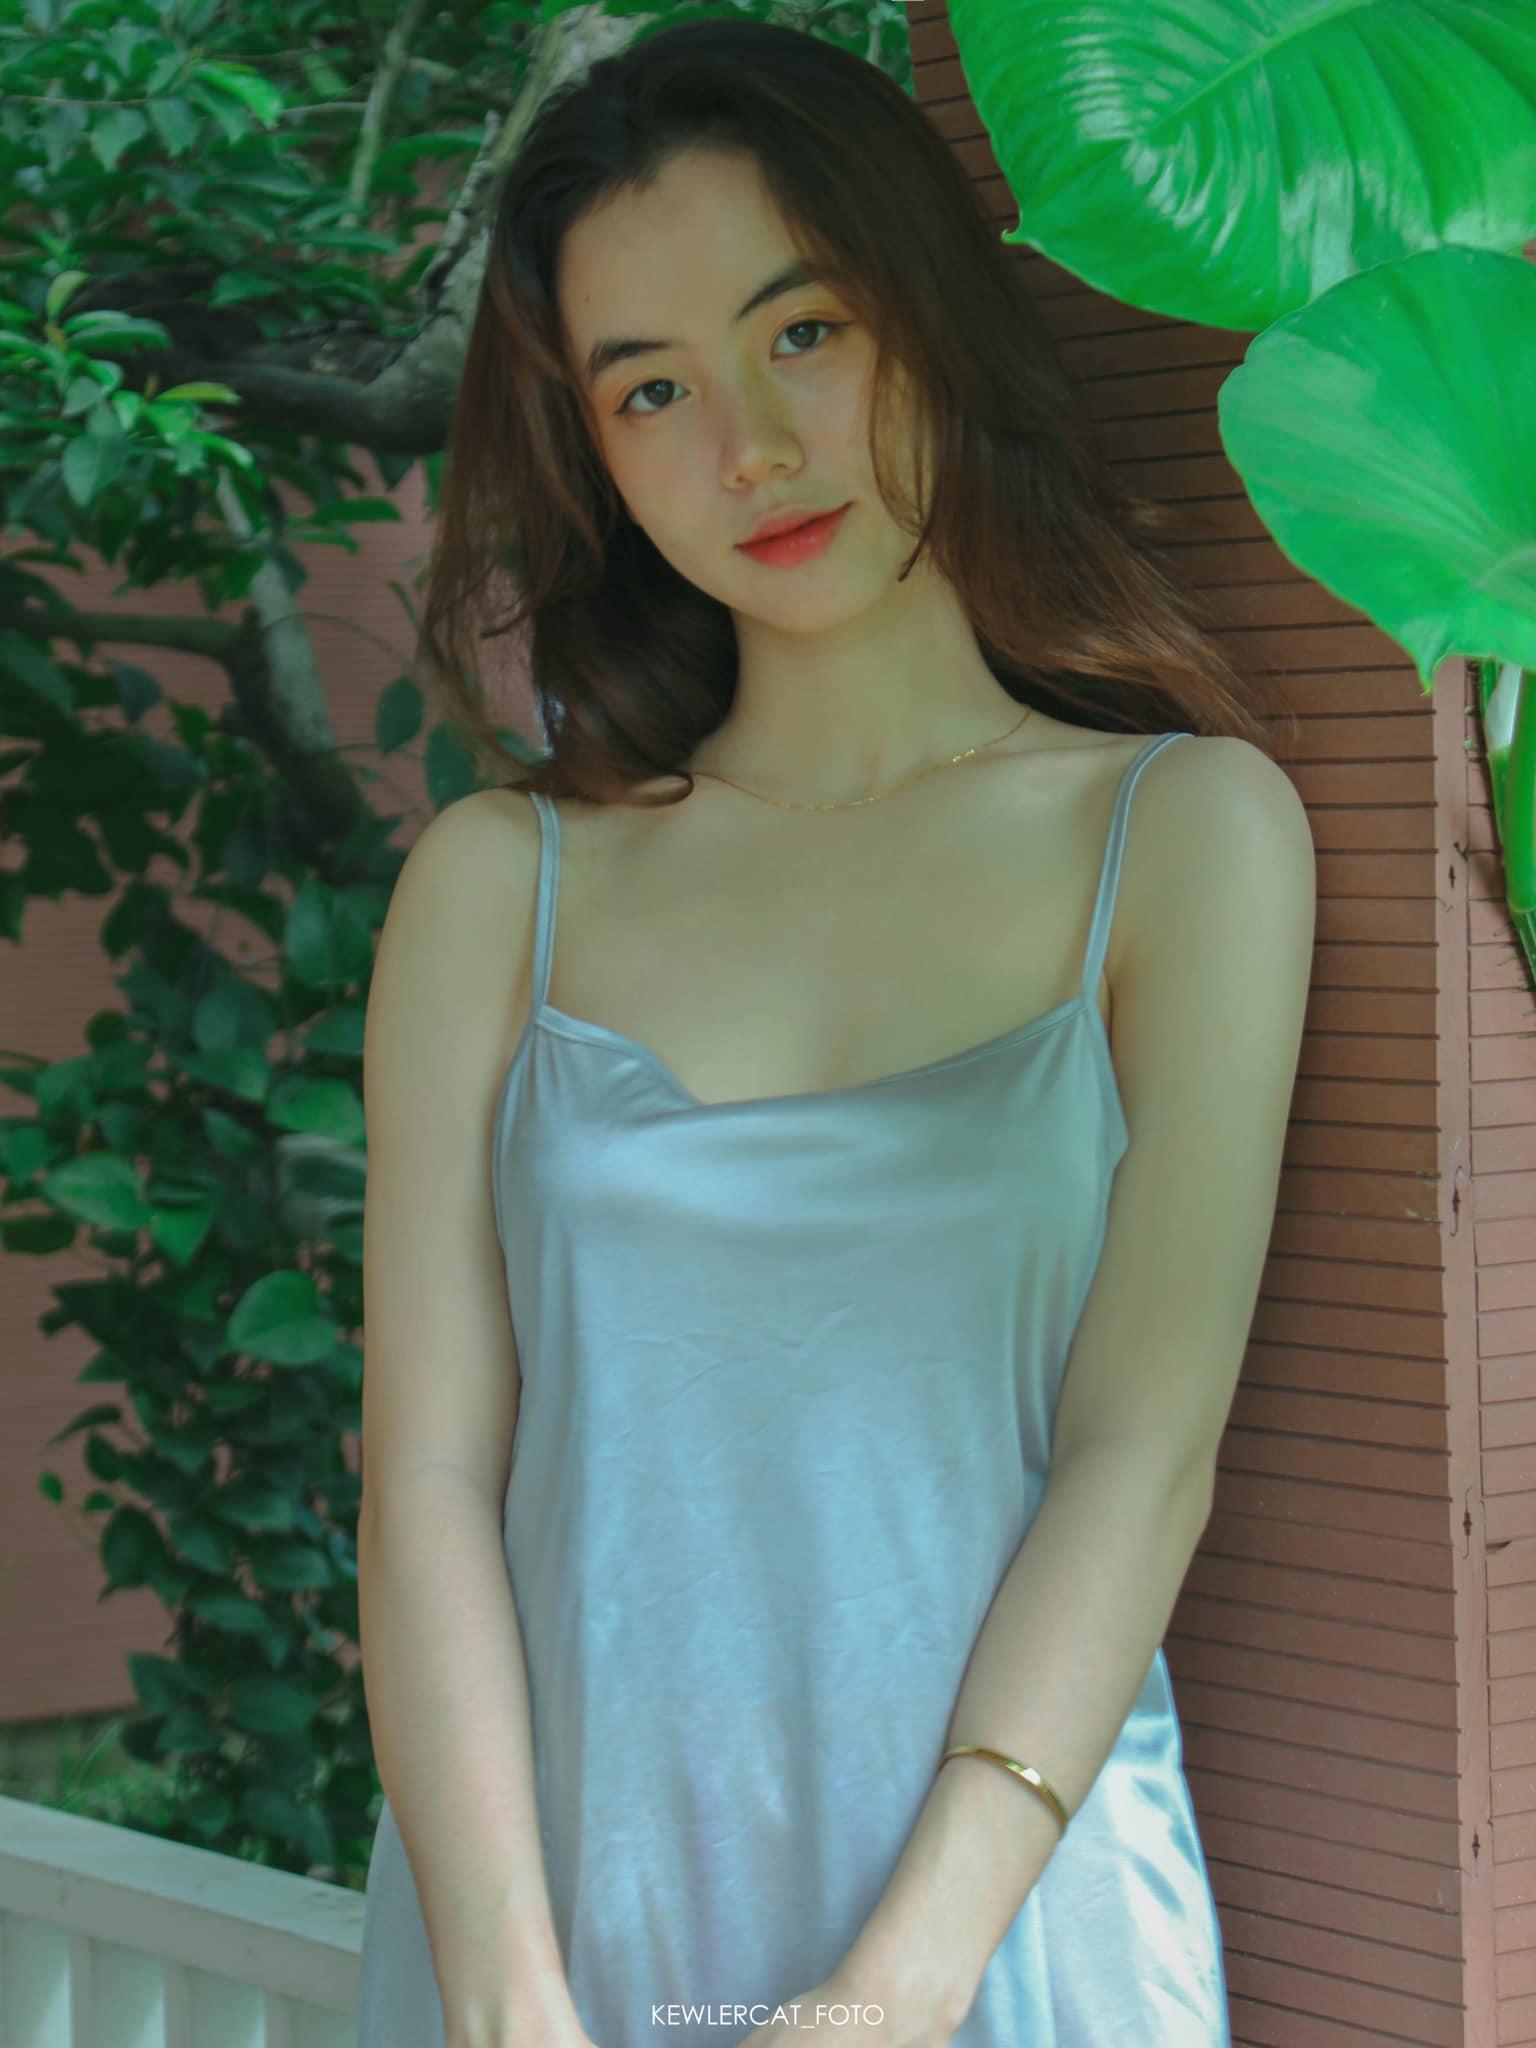 Hình Ảnh Gái Xinh Tuổi 18 Đáng Yêu & Nóng Bỏng, Dễ Thương